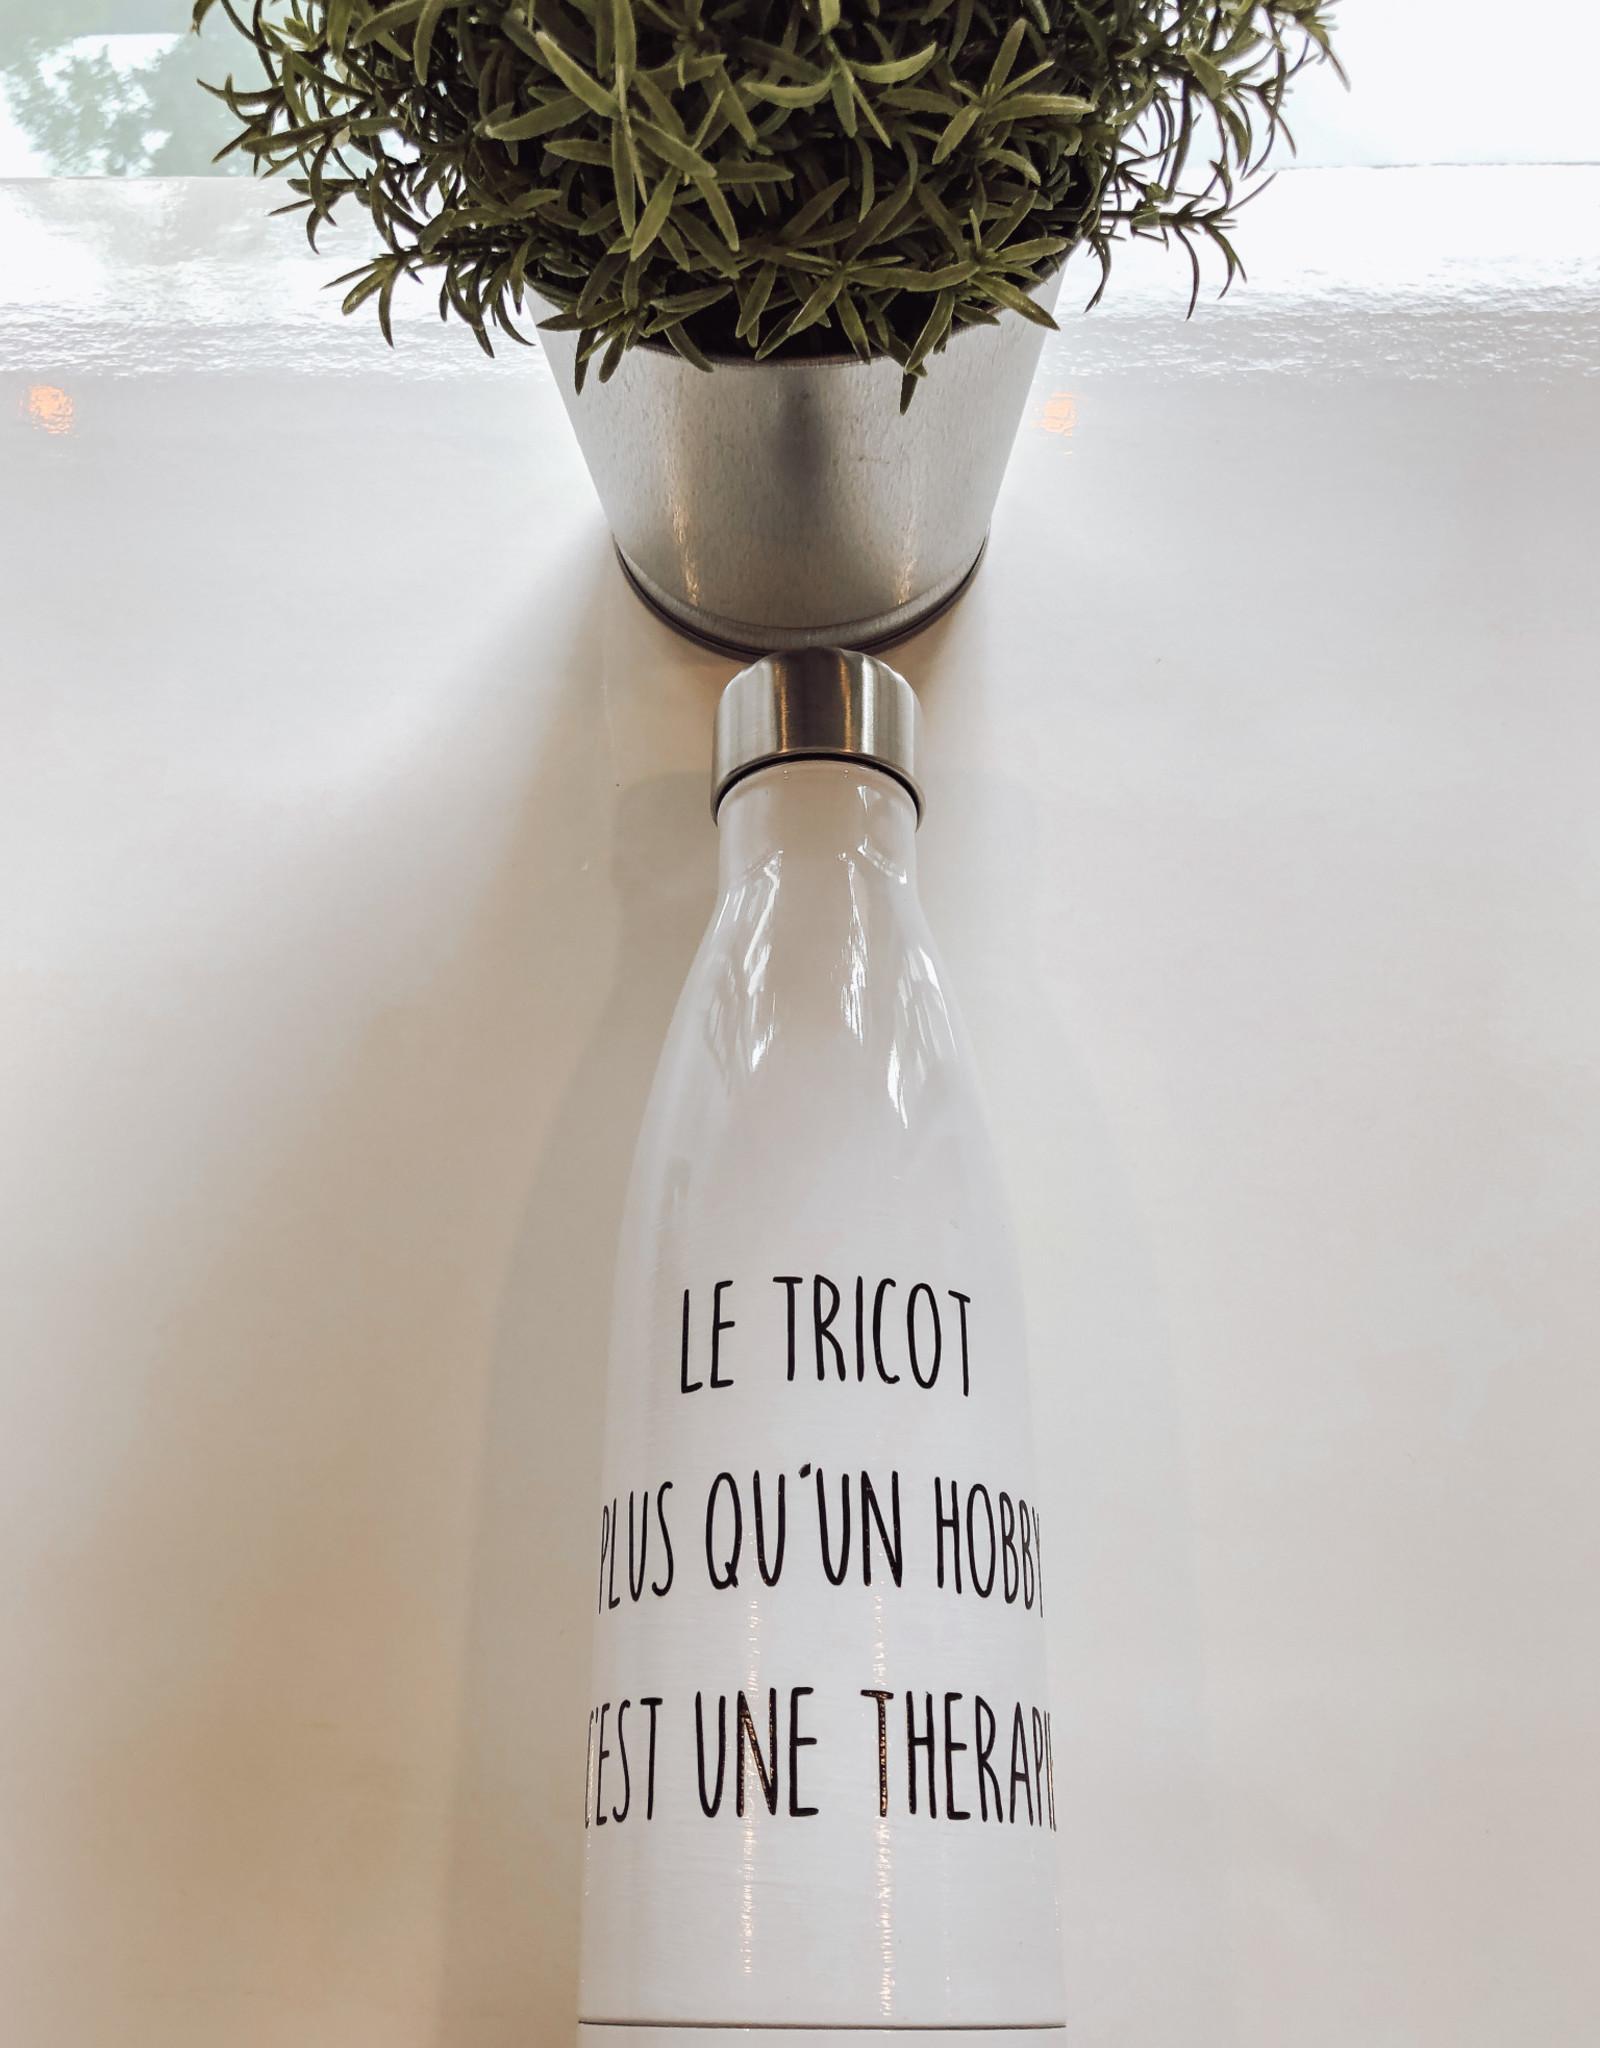 Triko-Maniak Bouteille d'eau